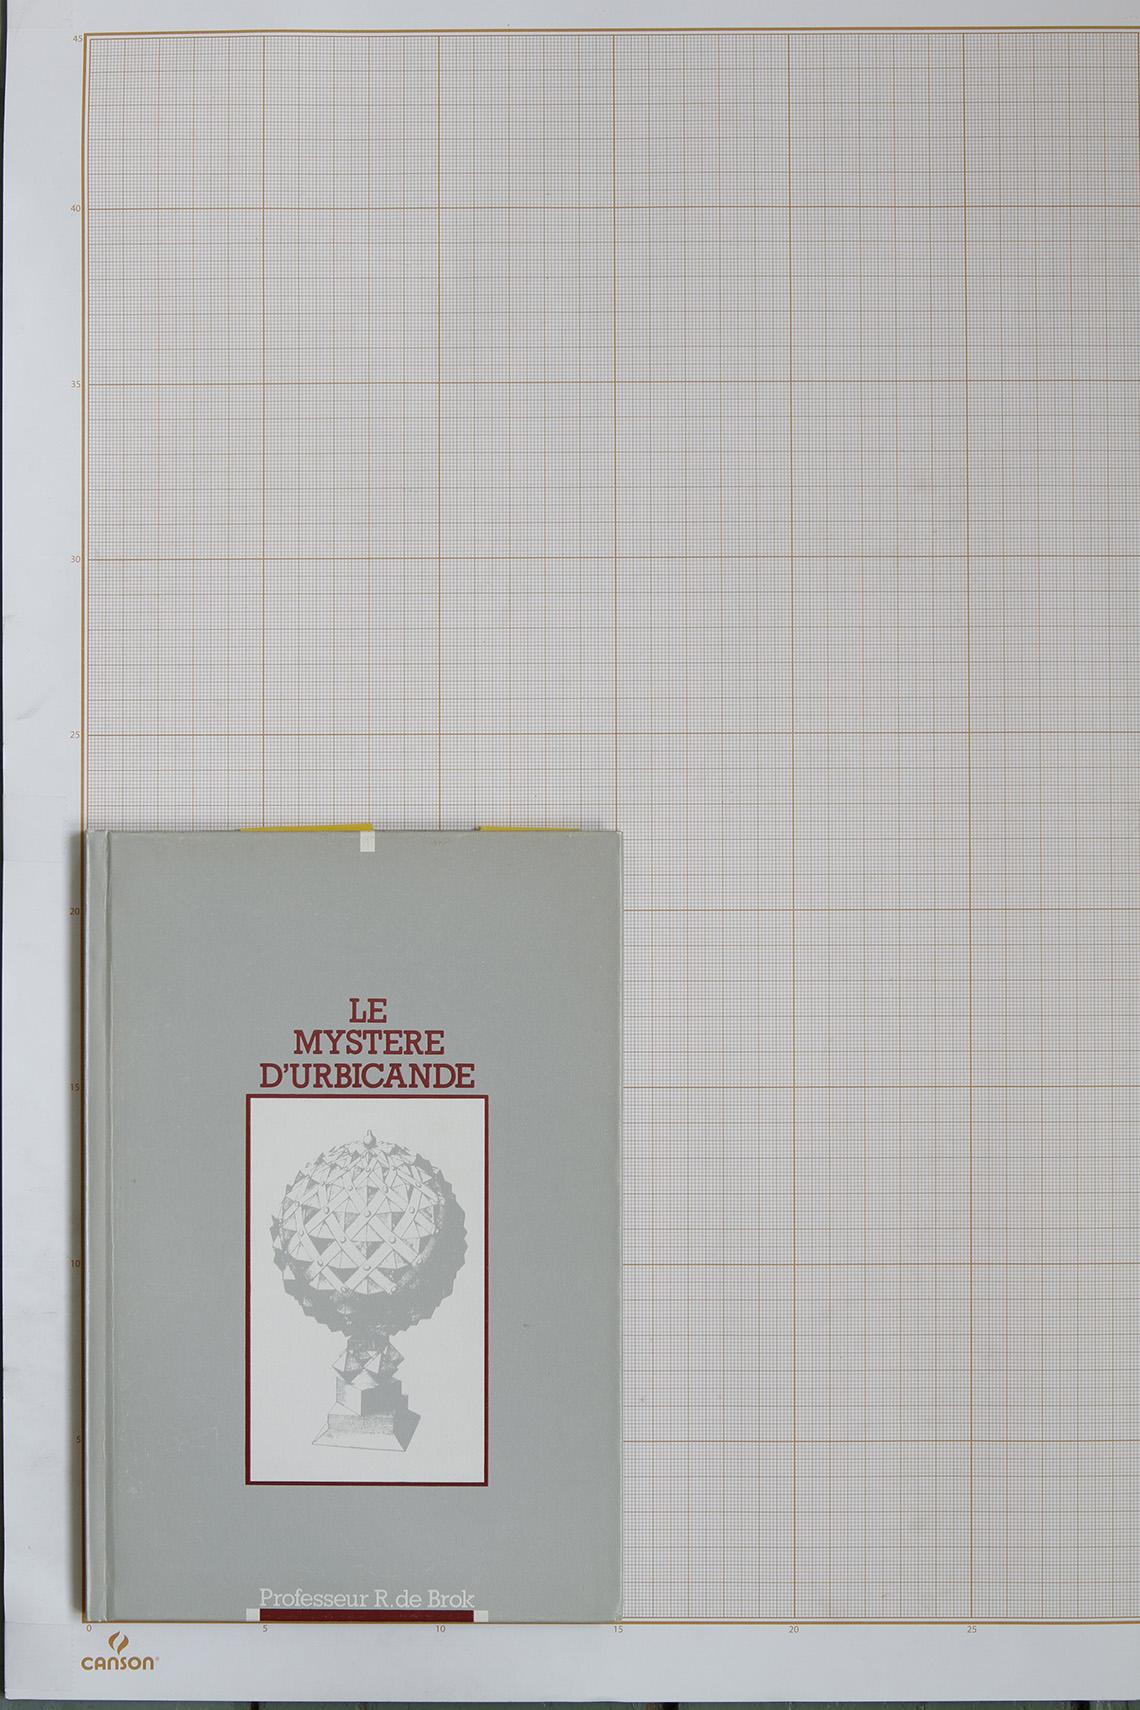 Le Mystère d'Urbicande, F.Schuiten & B.Peeters - Schlirfbook© Maison Autrique, 1985